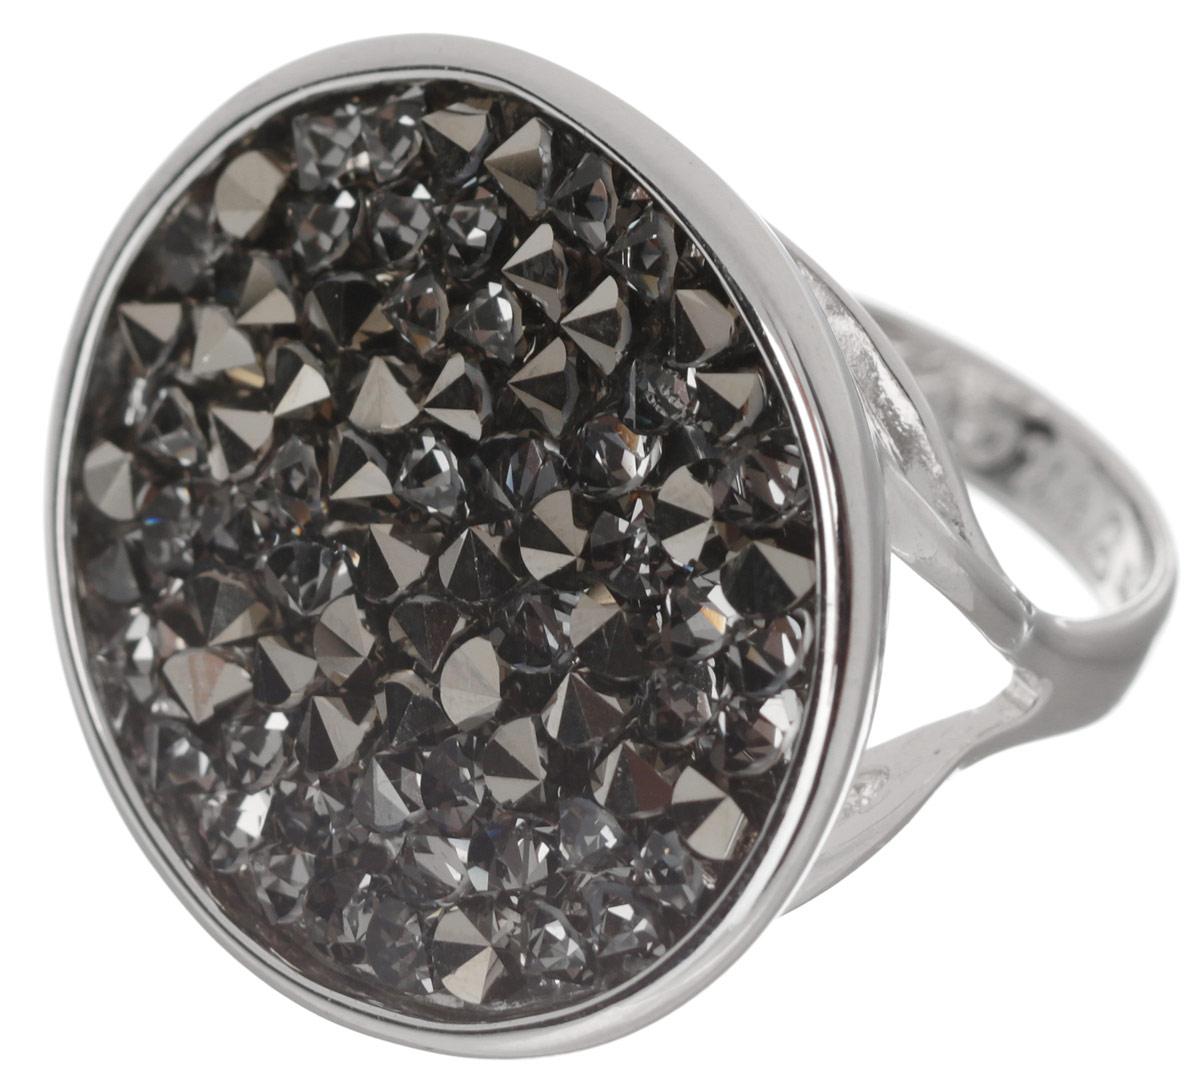 Кольцо Jenavi Карпо, цвет: серебряный, серый. j337f066. Размер 18j337f066Яркое дизайнерское кольцо Jenavi Карпо выполнено из ювелирного сплава с антиаллергическим гальваническим покрытием серебром с родированием. В кольце Карпо ярко присутствует стиль арт-деко, сохранивший в своих элементах роскошную красоту и выразительность восточного направления. Кристаллы Swarovski ассоциируются с великими нераскрытыми тайнами и вечной божественной силой. К тому же изделие обладает превосходной практичностью и сочетаемостью, несмотря на свою яркую центральную часть. Изысканное решение и оригинальный дизайн этого кольца не позволят вам остаться незамеченными!